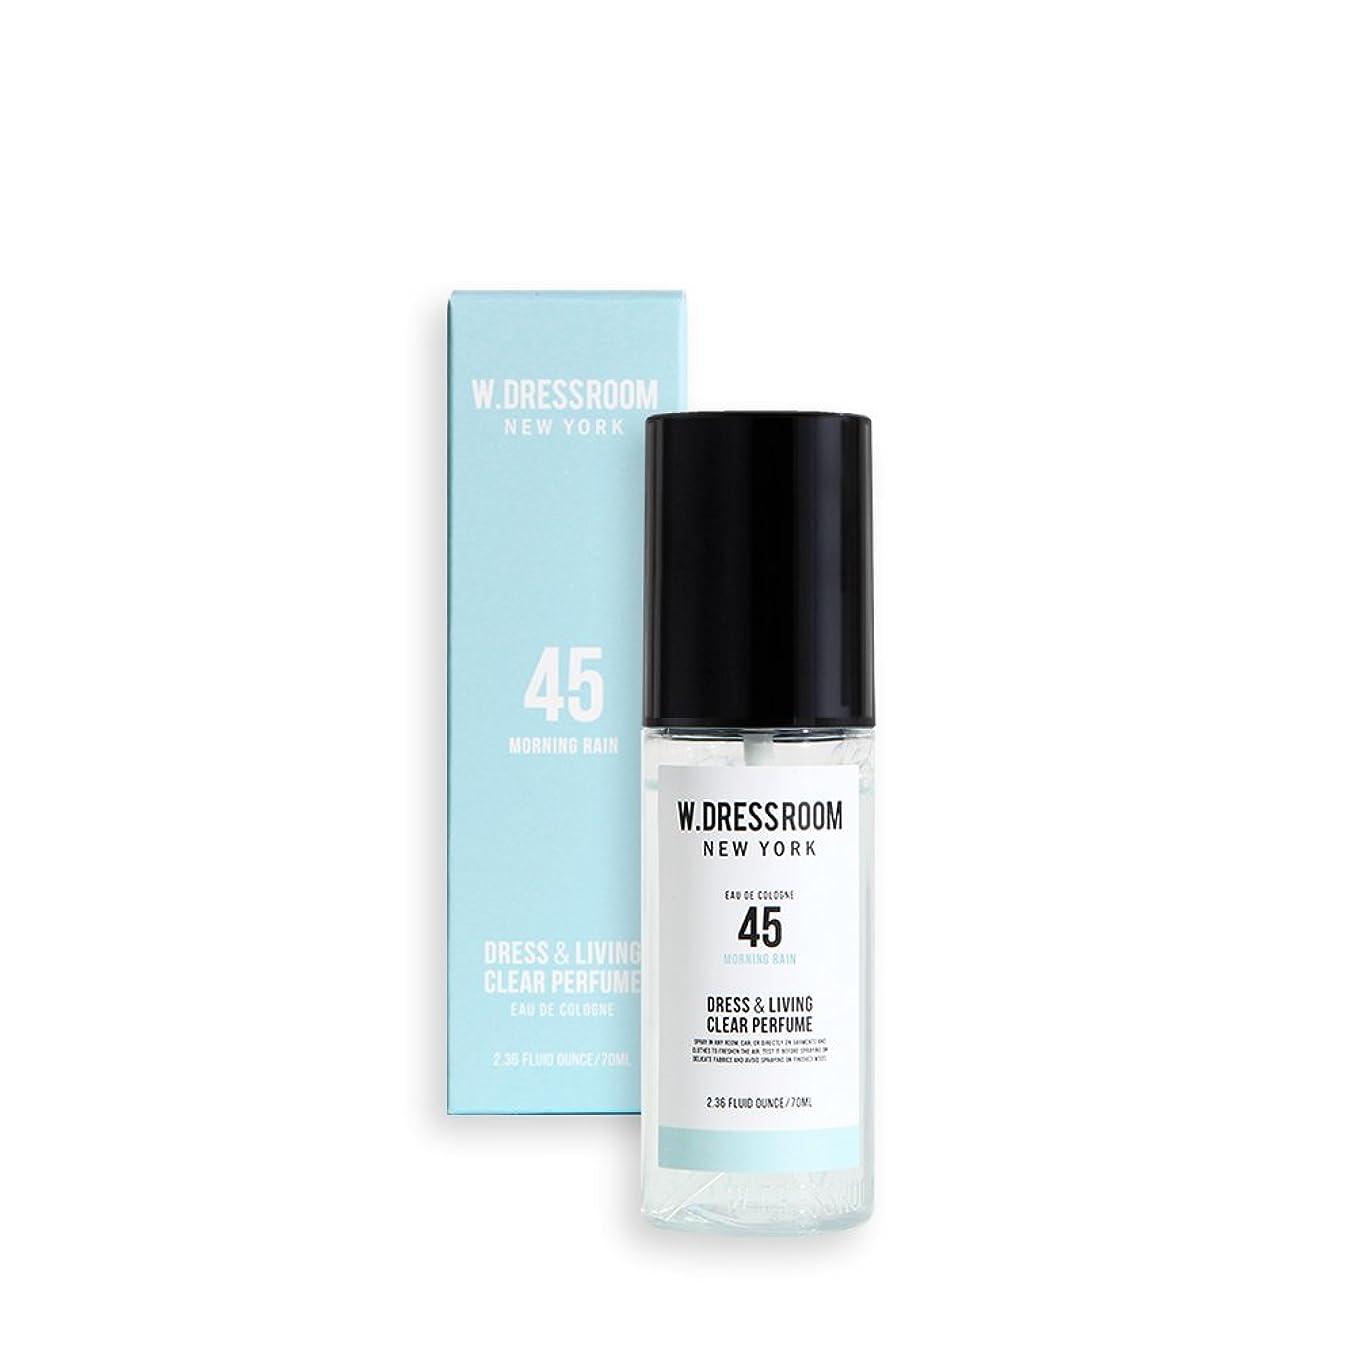 アーカイブマーカーピンクW.DRESSROOM Dress & Living Clear Perfume 70ml/ダブルドレスルーム ドレス&リビング クリア パフューム 70ml (#No.45 Morning Rain) [並行輸入品]